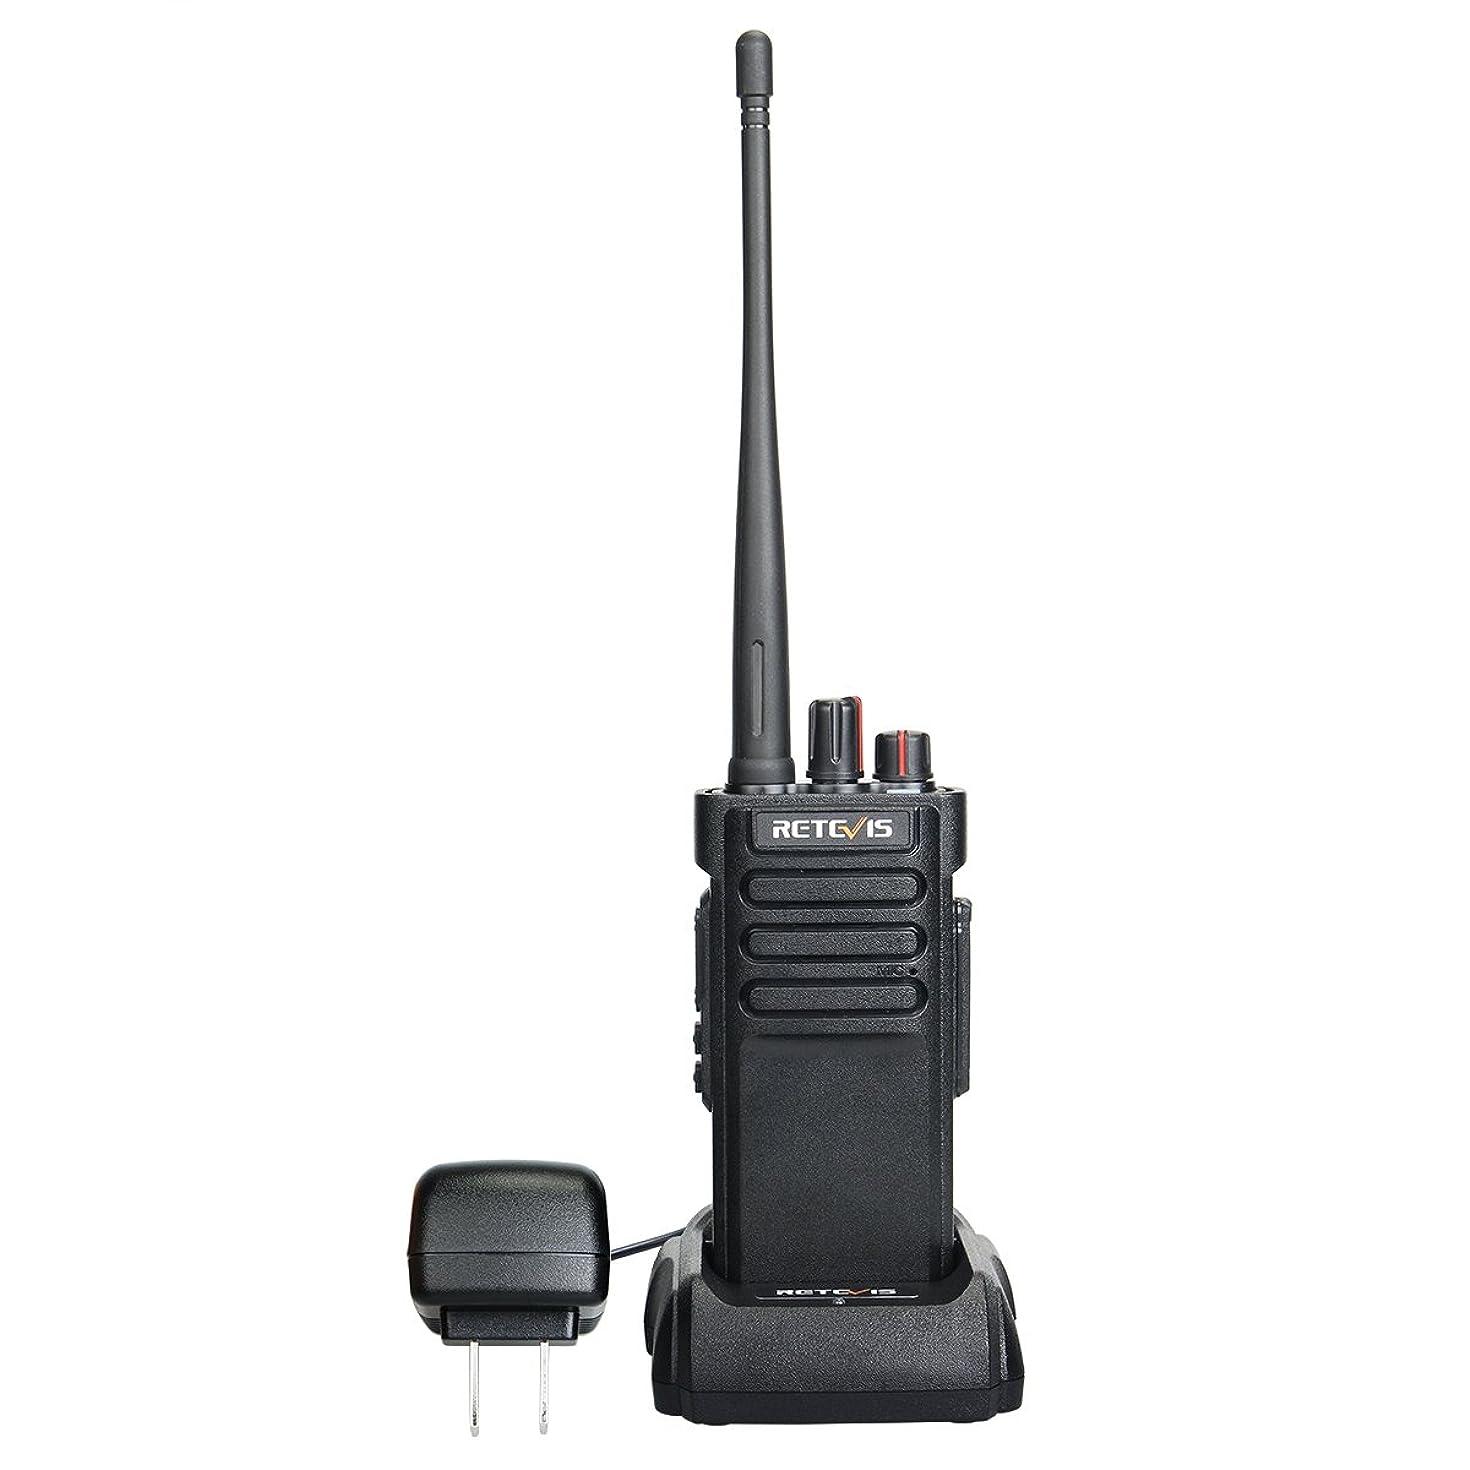 Retevis RT29 Waterproof Walkie Talkies UHF 3200mAh Long Range Two Way Radio(Black, 1 Pack)